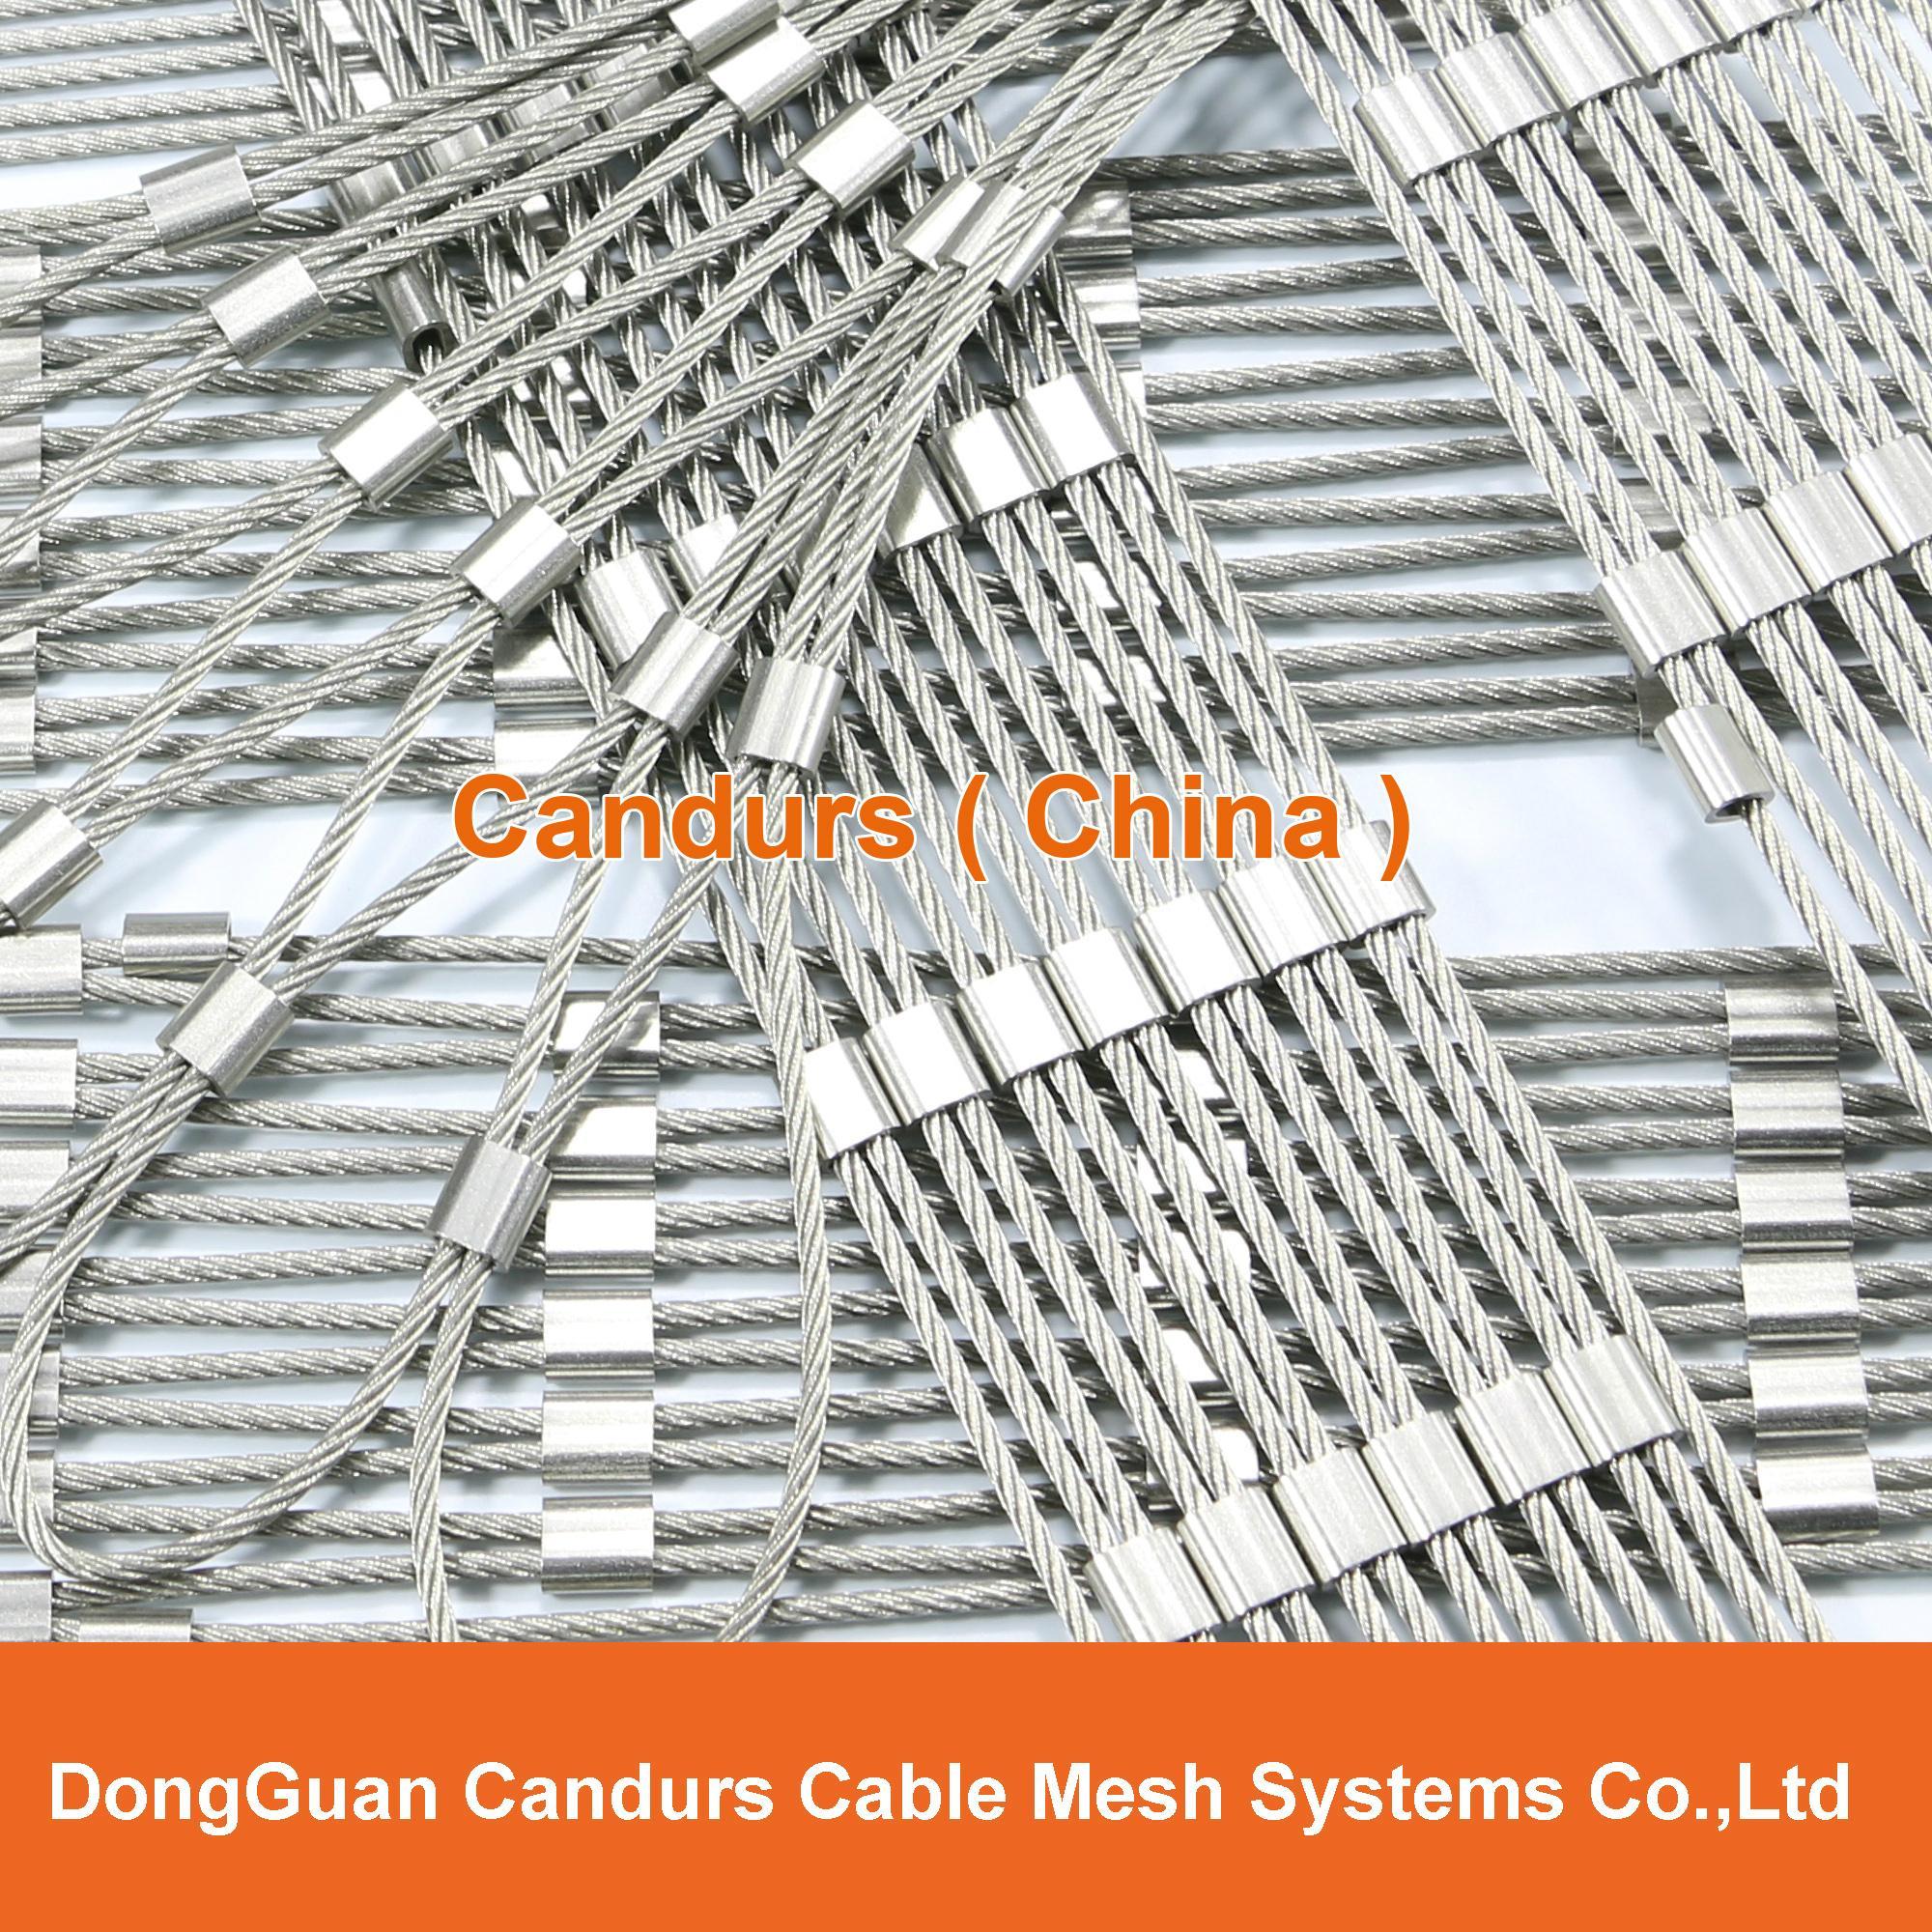 屋顶安全防护不锈钢绳网 19